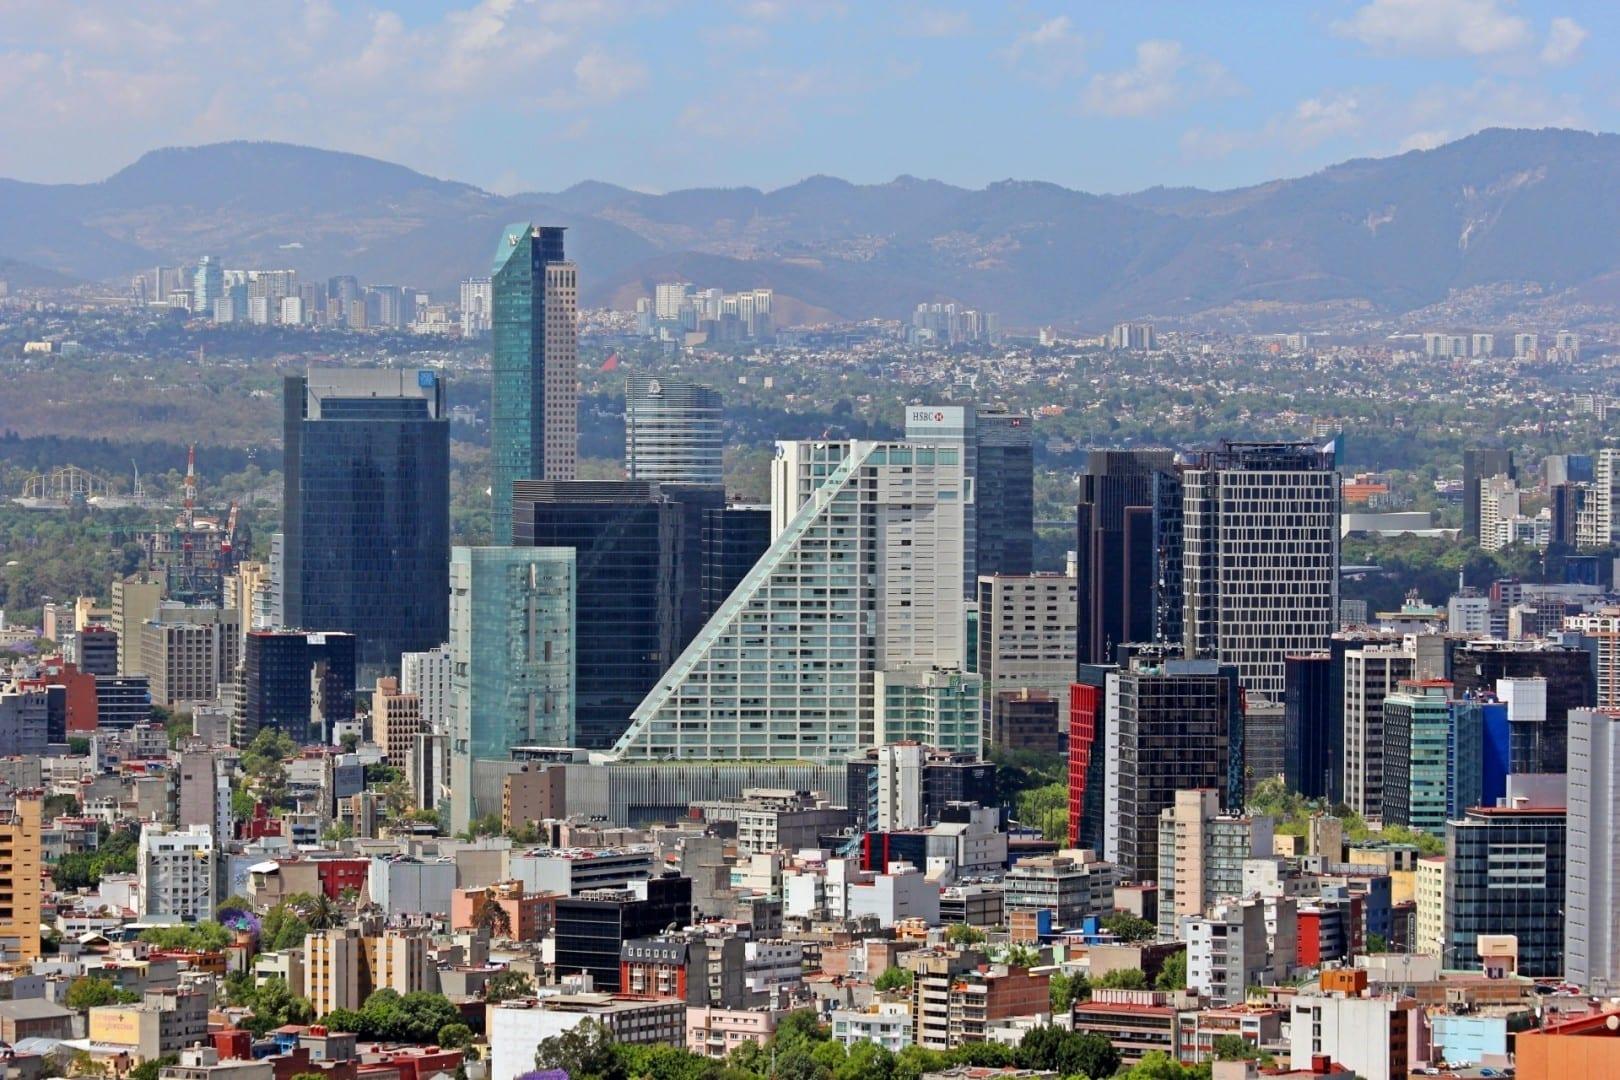 El horizonte de los rascacielos de Reforma Ciudad de México México